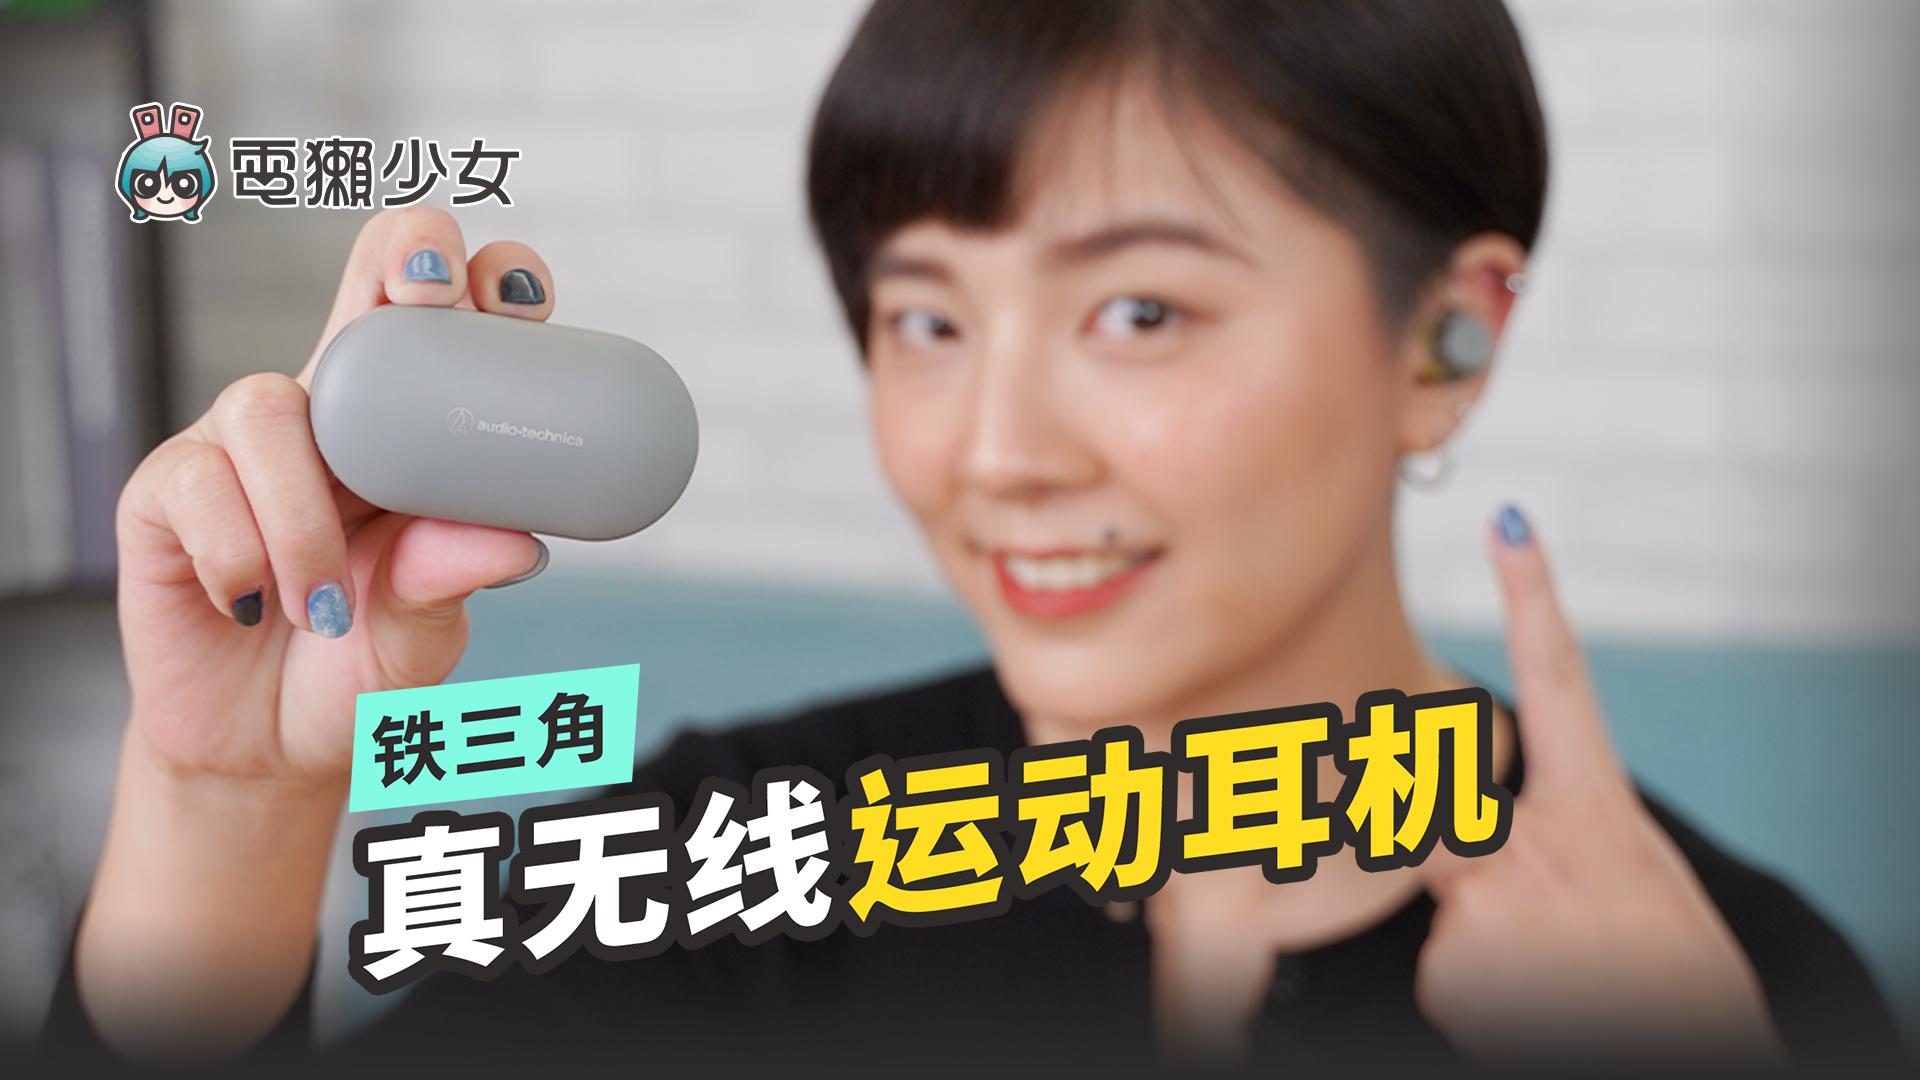 电獭少女|铁三角真无线运动耳机 防水防汗不怕鬆脱